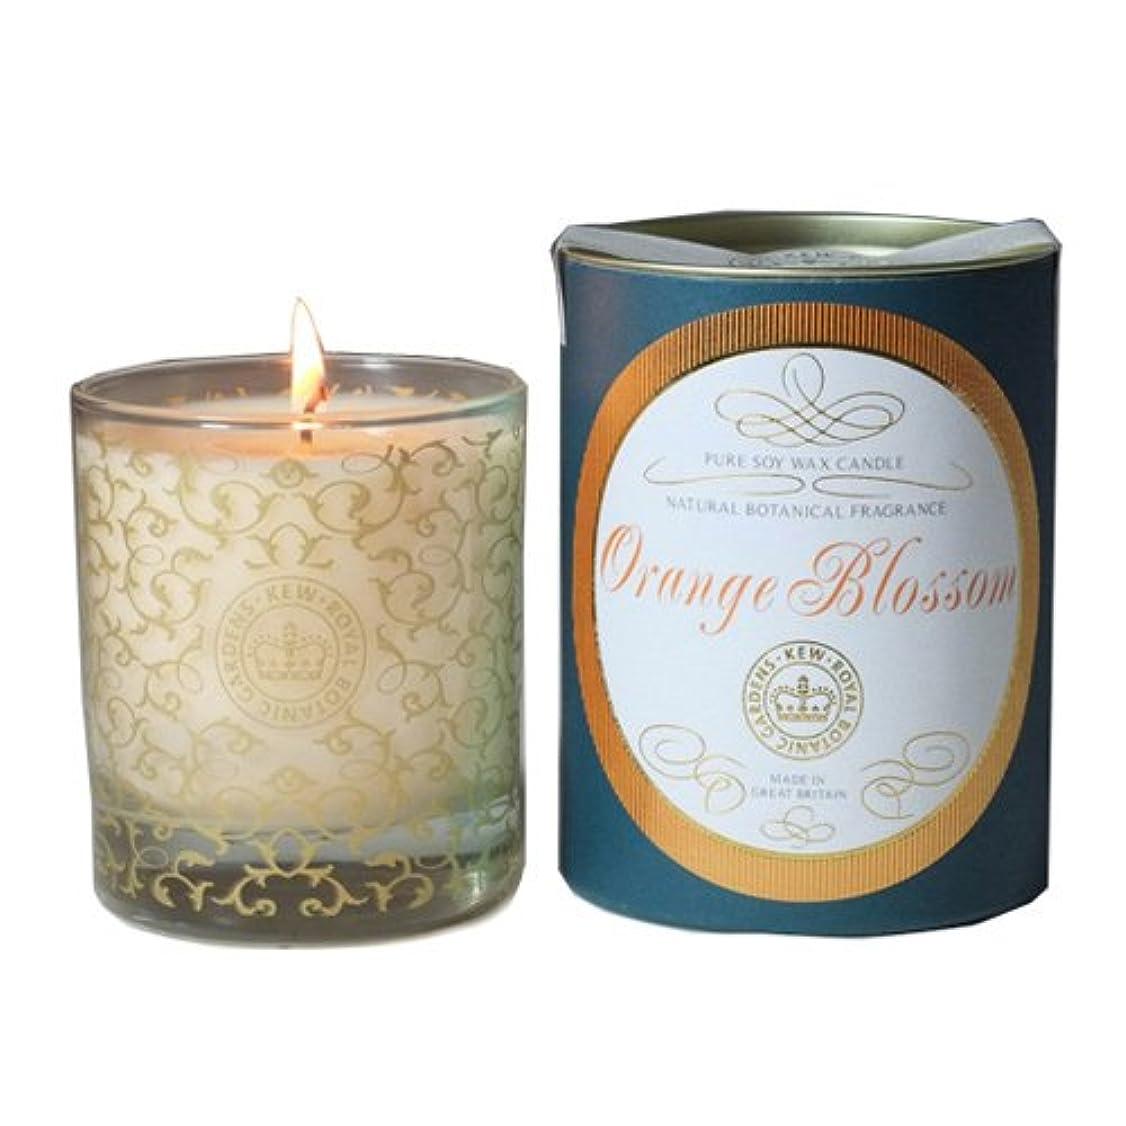 ペンフレンド限界連続したCANOVA キューヴィンテージ グラスキャンドル オレンジブロッサム Kew Vintage GlassCandle OrangeBlossom カノーバ